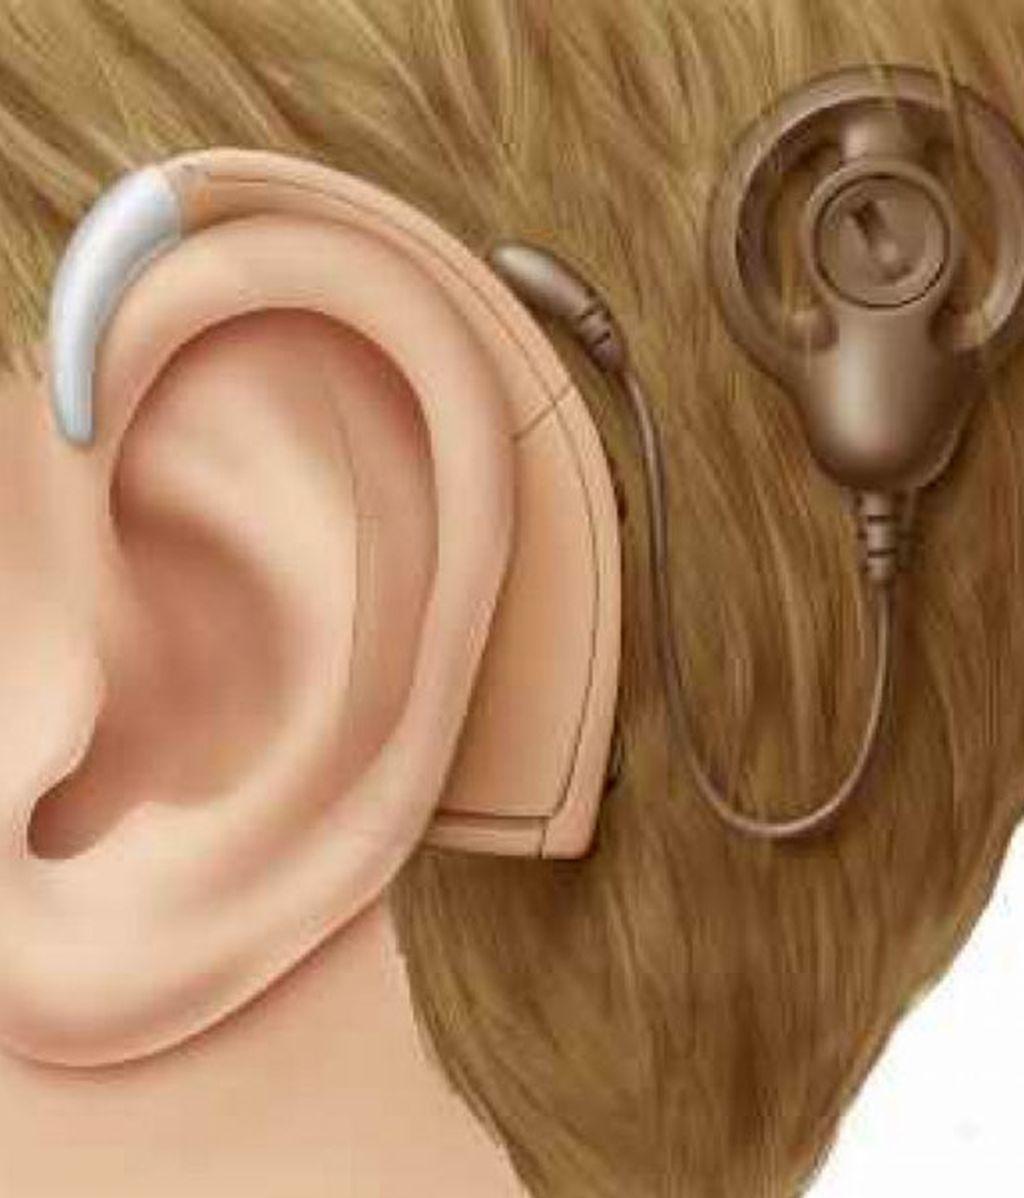 aparato sordo, implante coclear, sordos